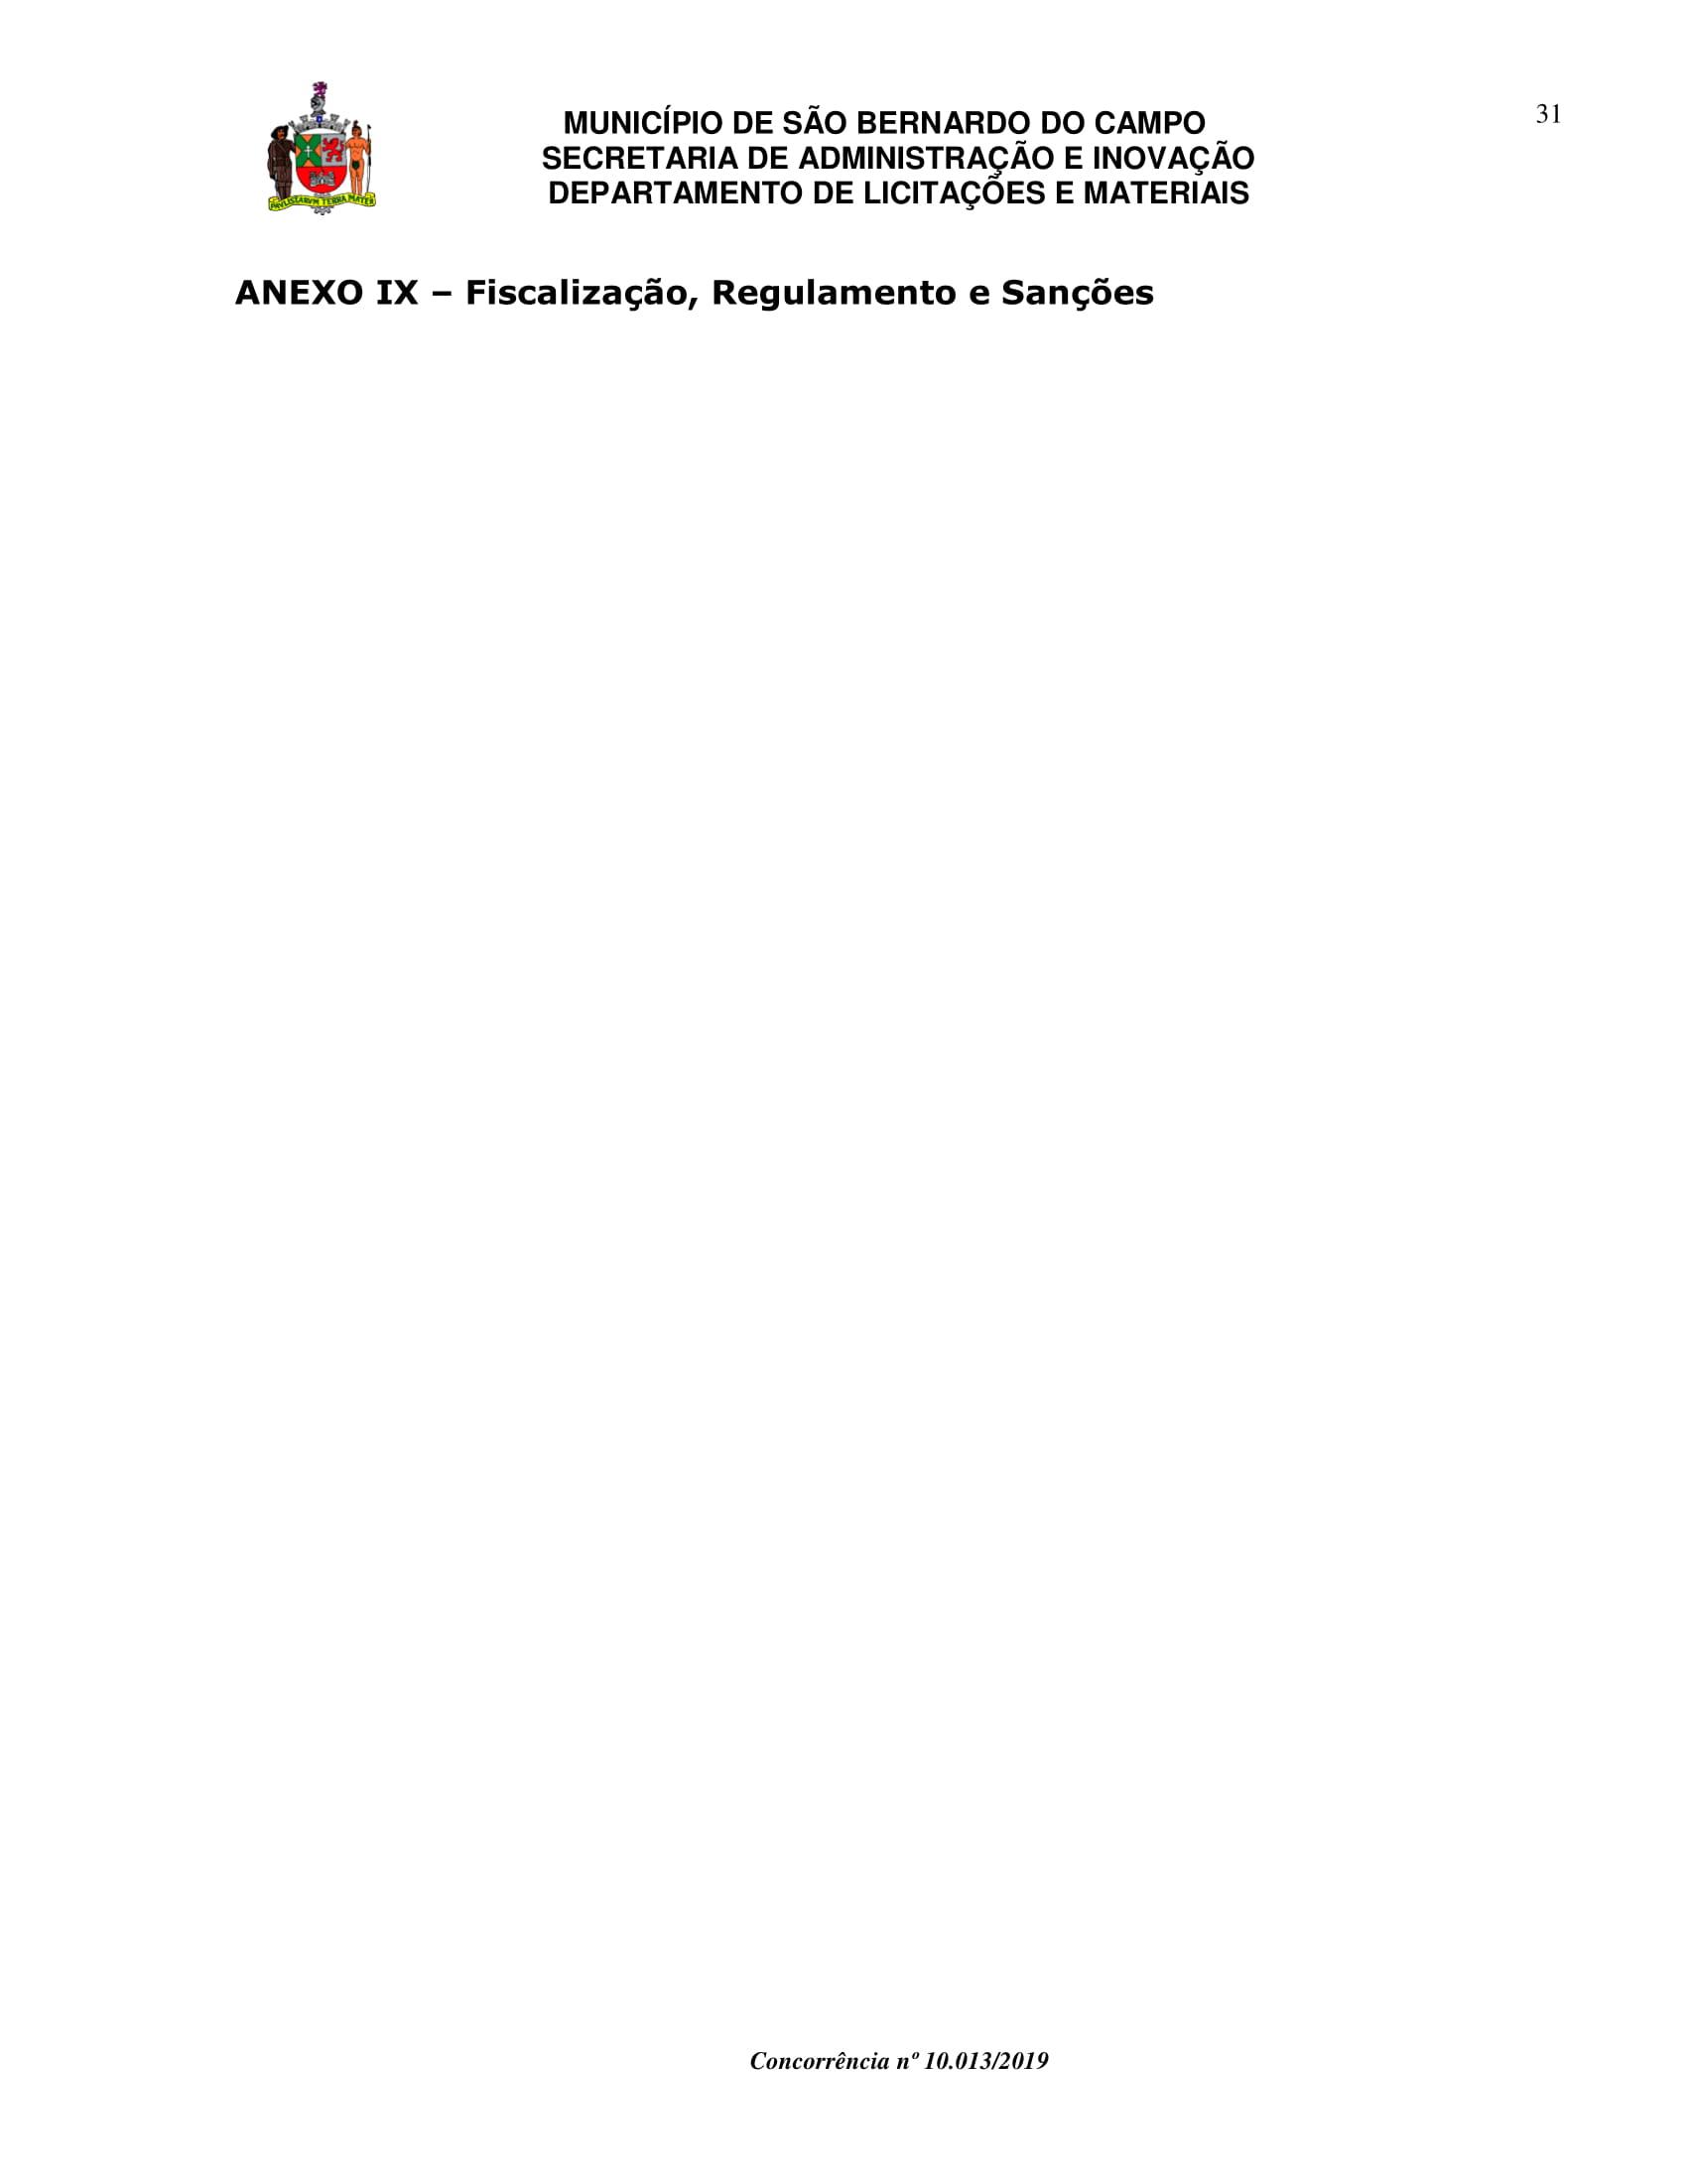 CP.10.013-19 edital-31